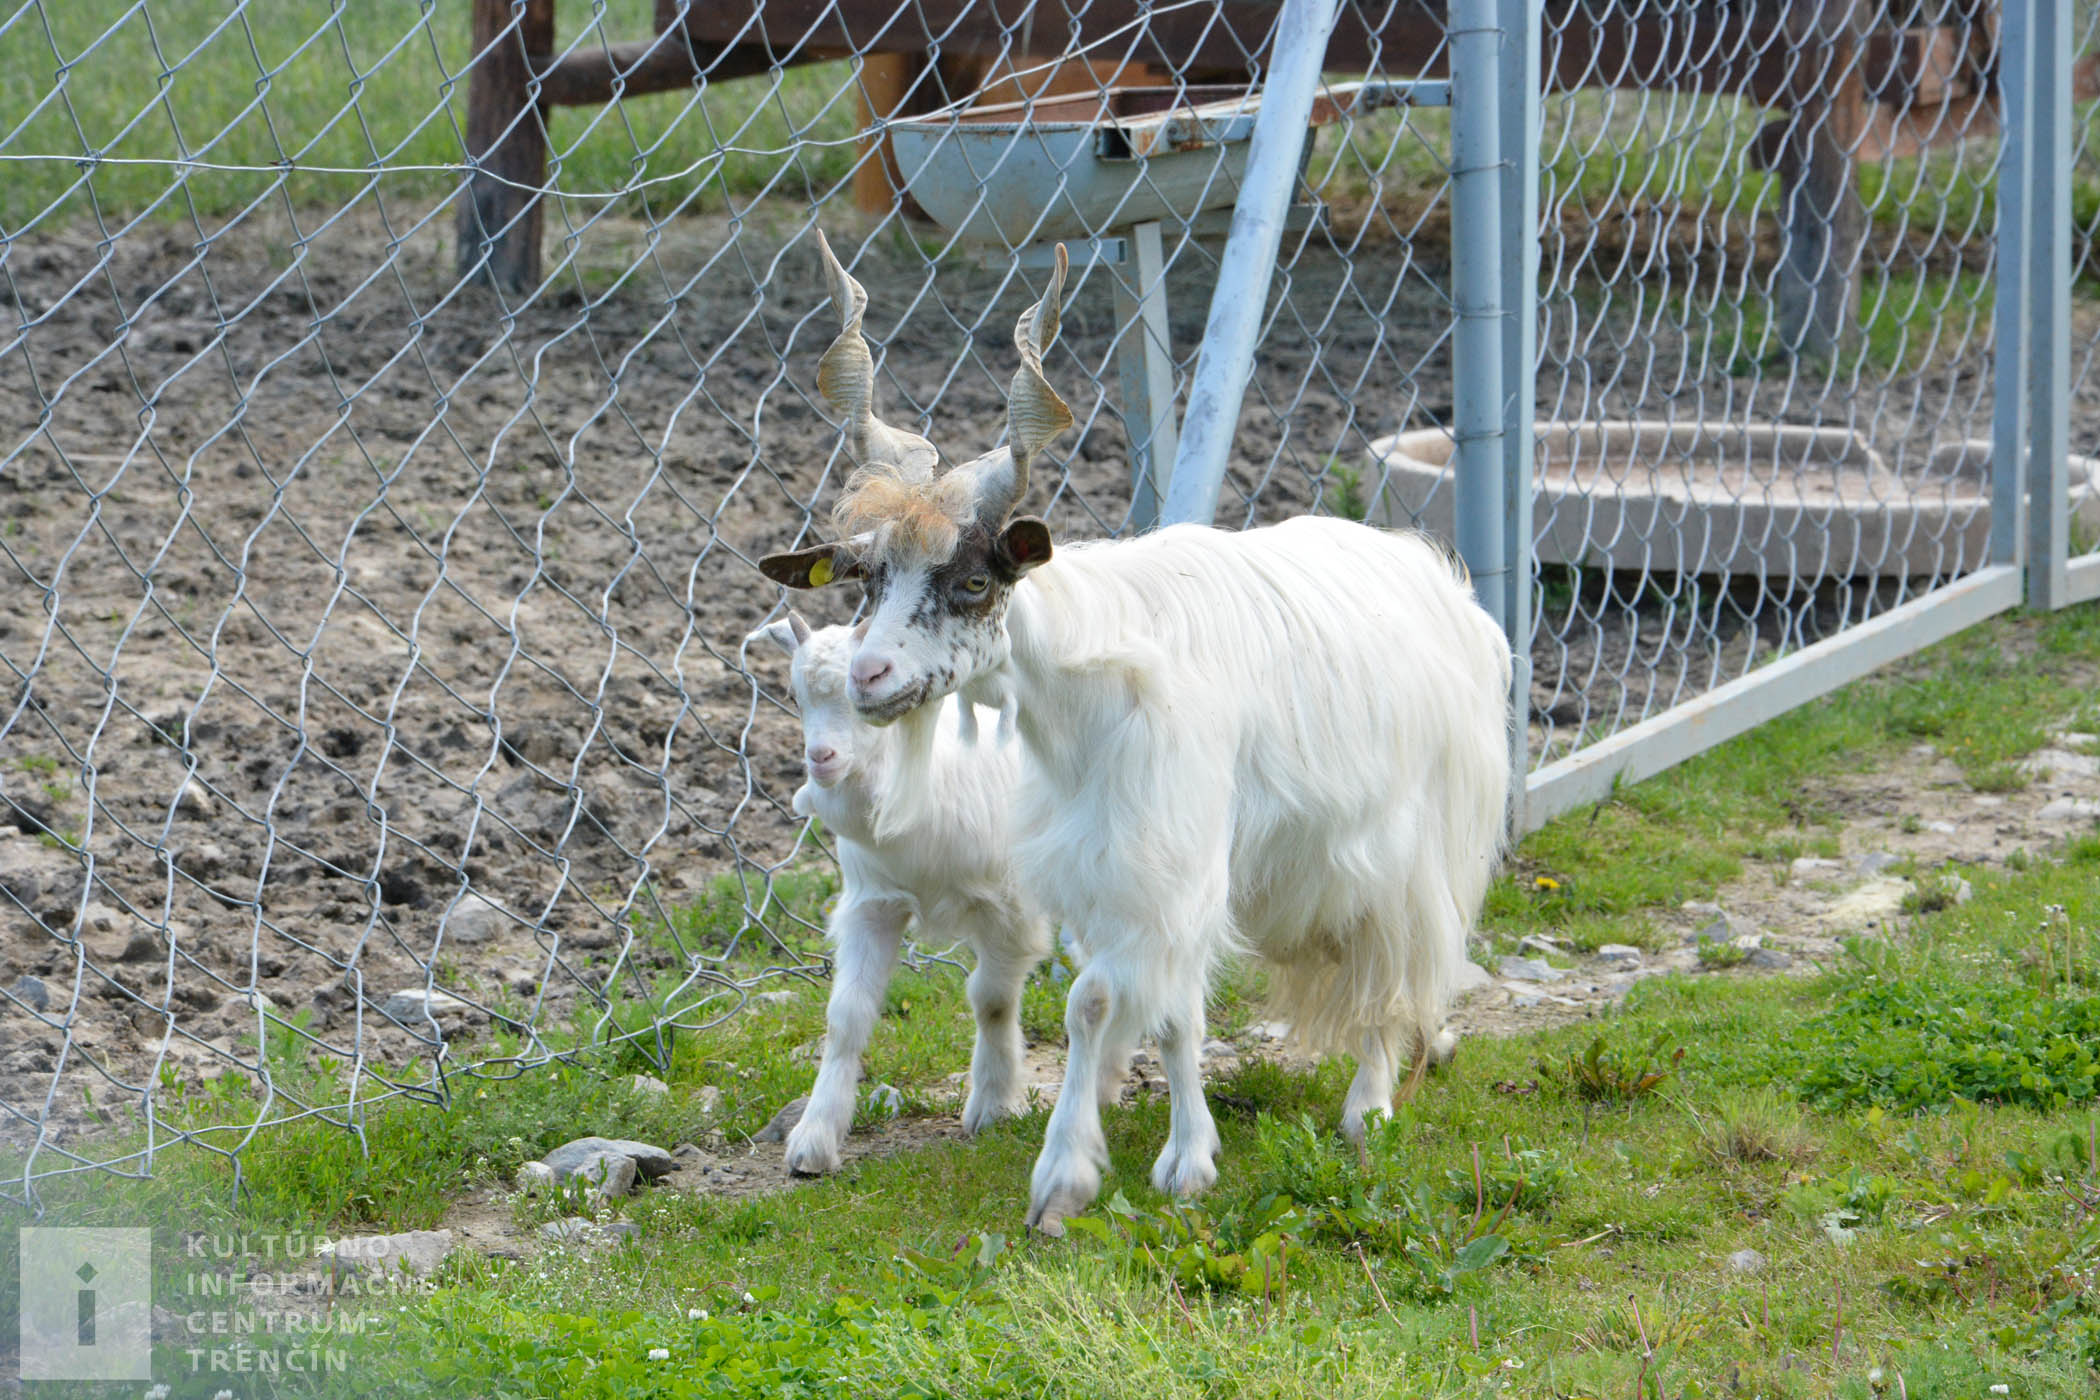 Hospodárske zvieratá na ranči chovajú už od jeho vzniku